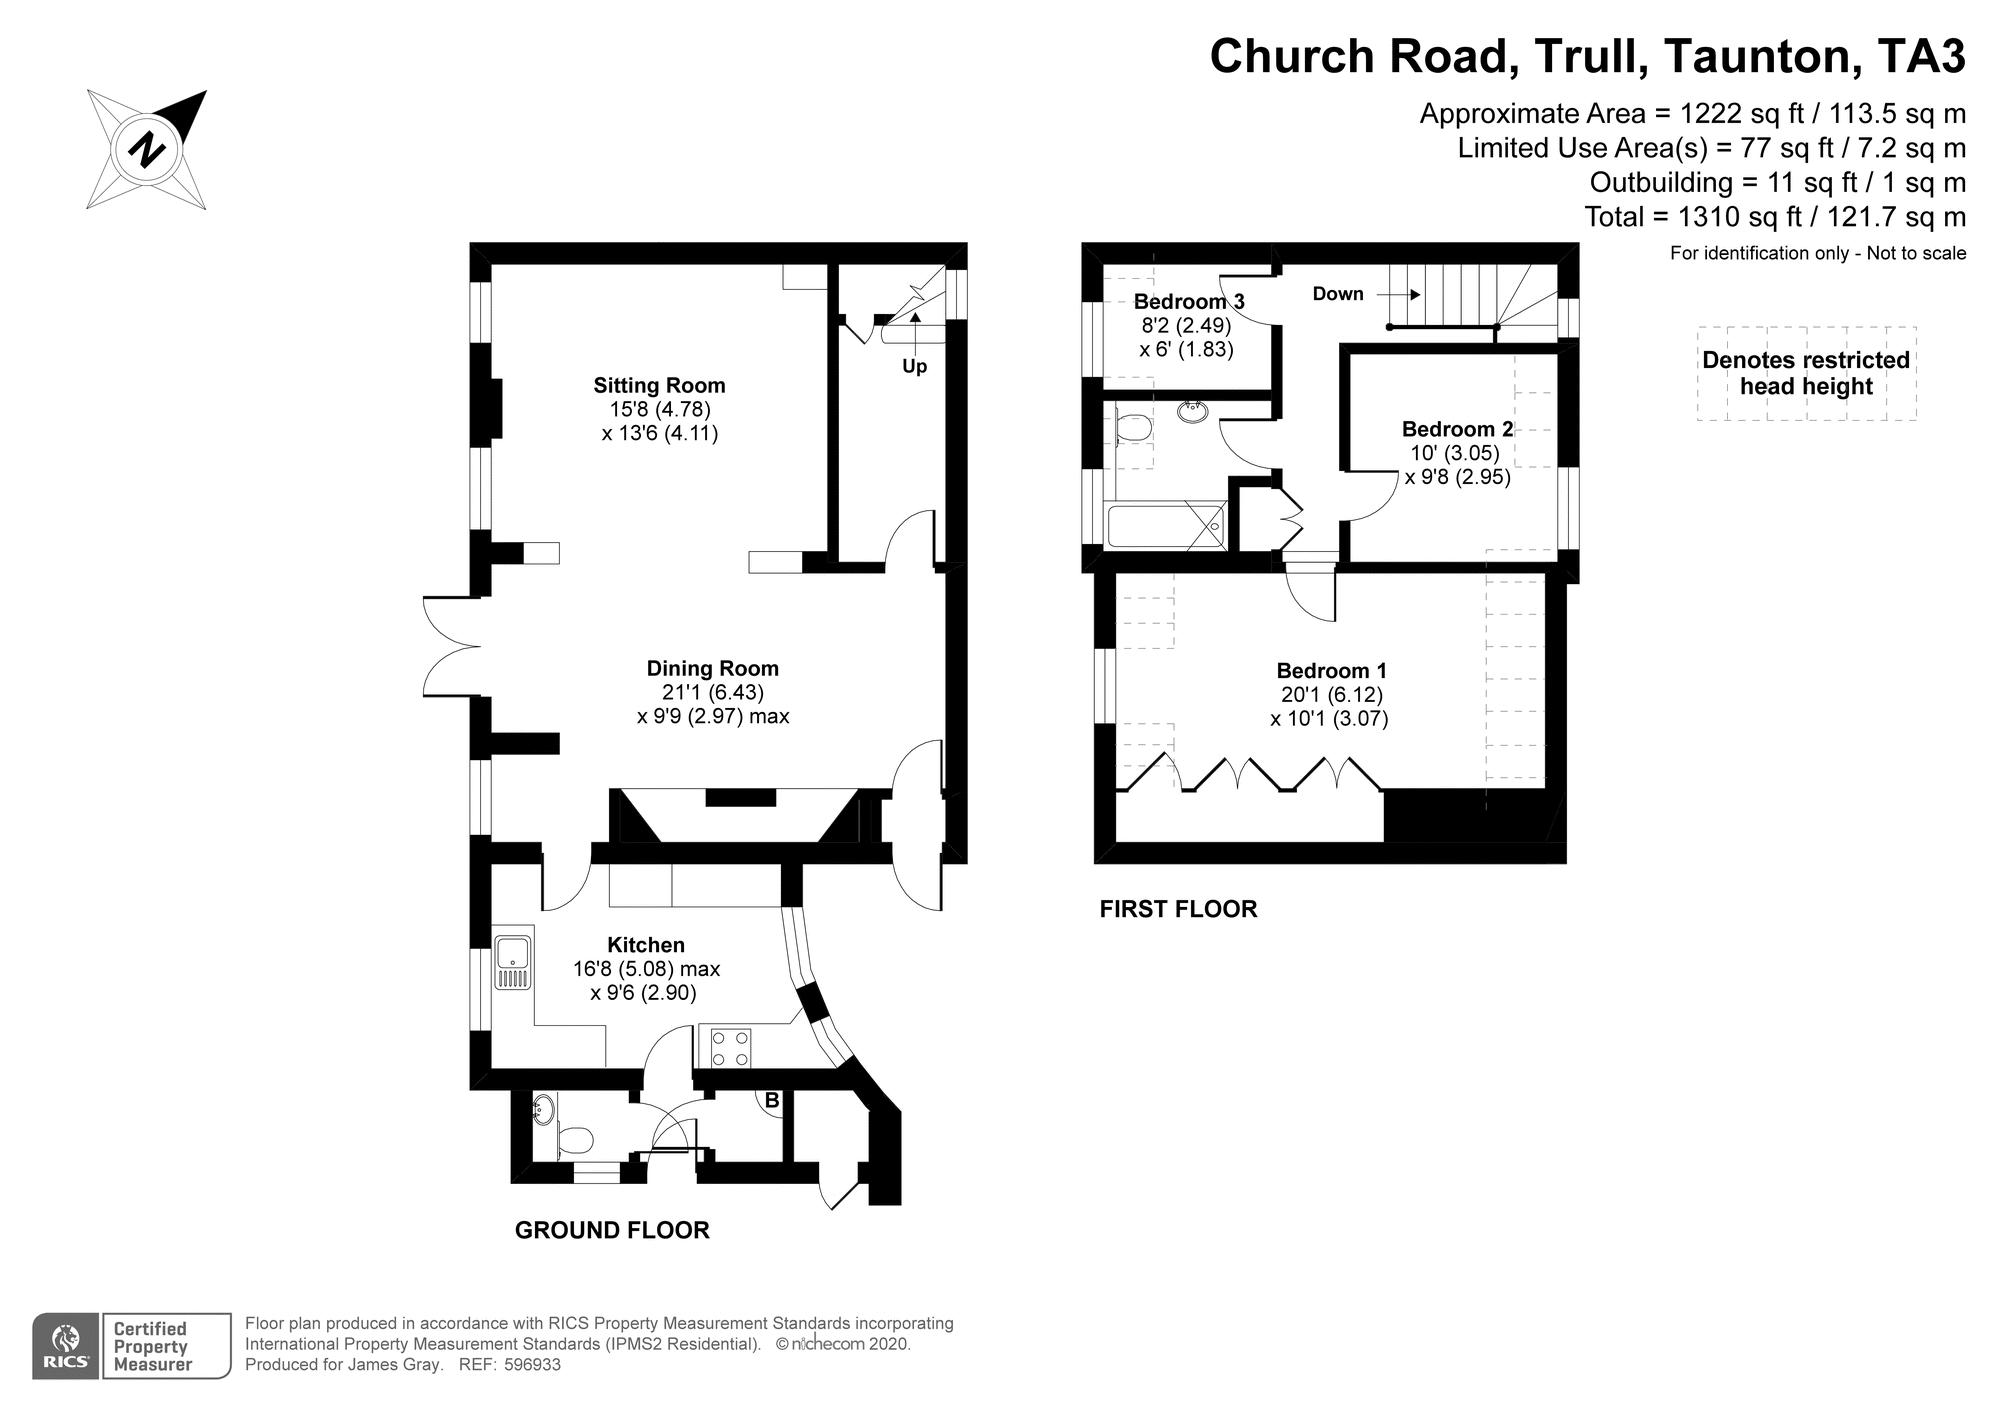 Church Road Trull